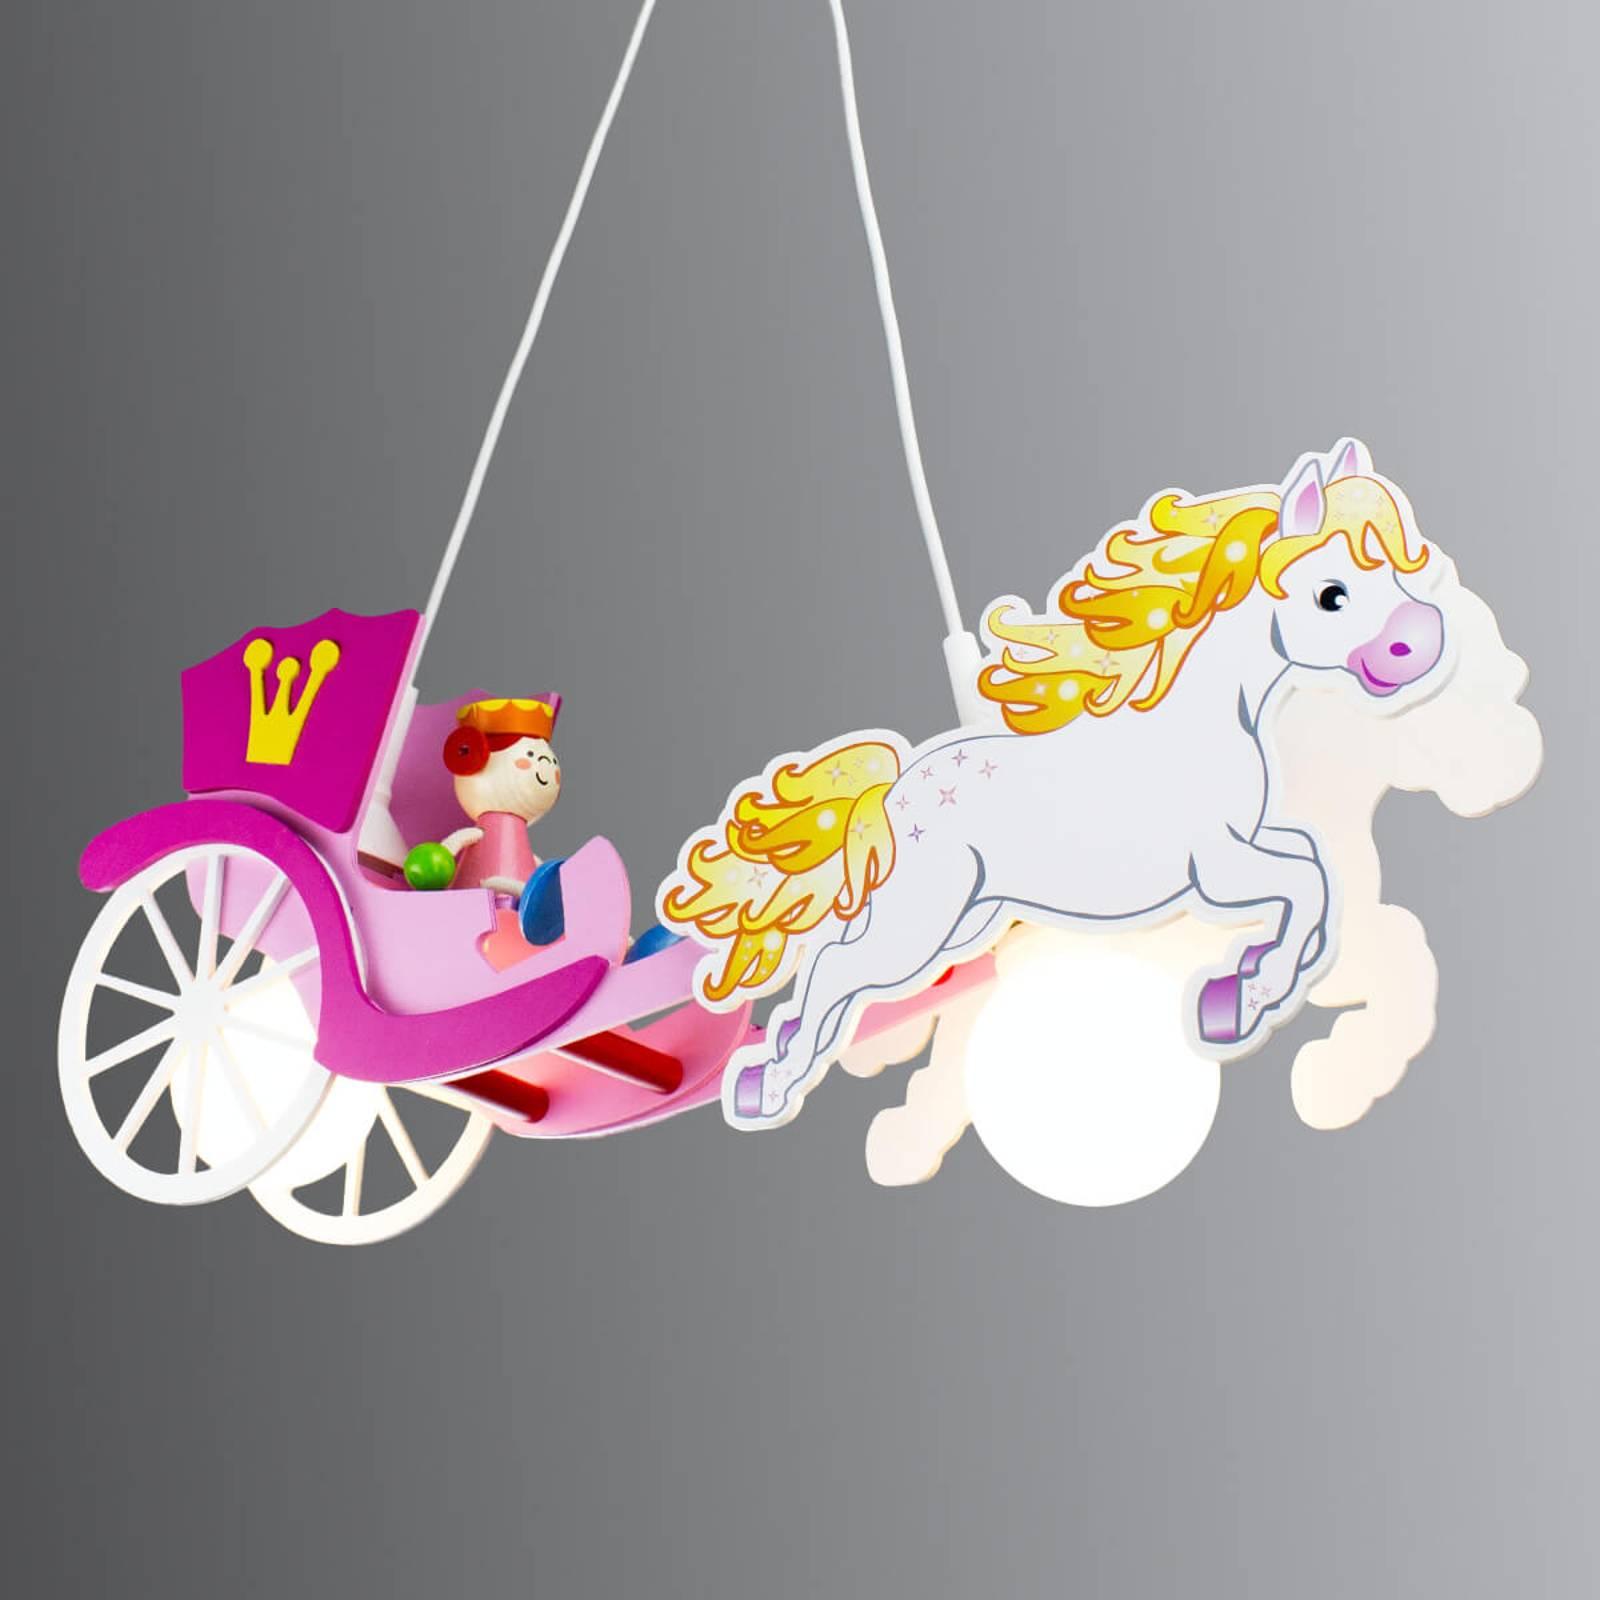 Prinsessa-riippuvalo, hevonen ja vaunut